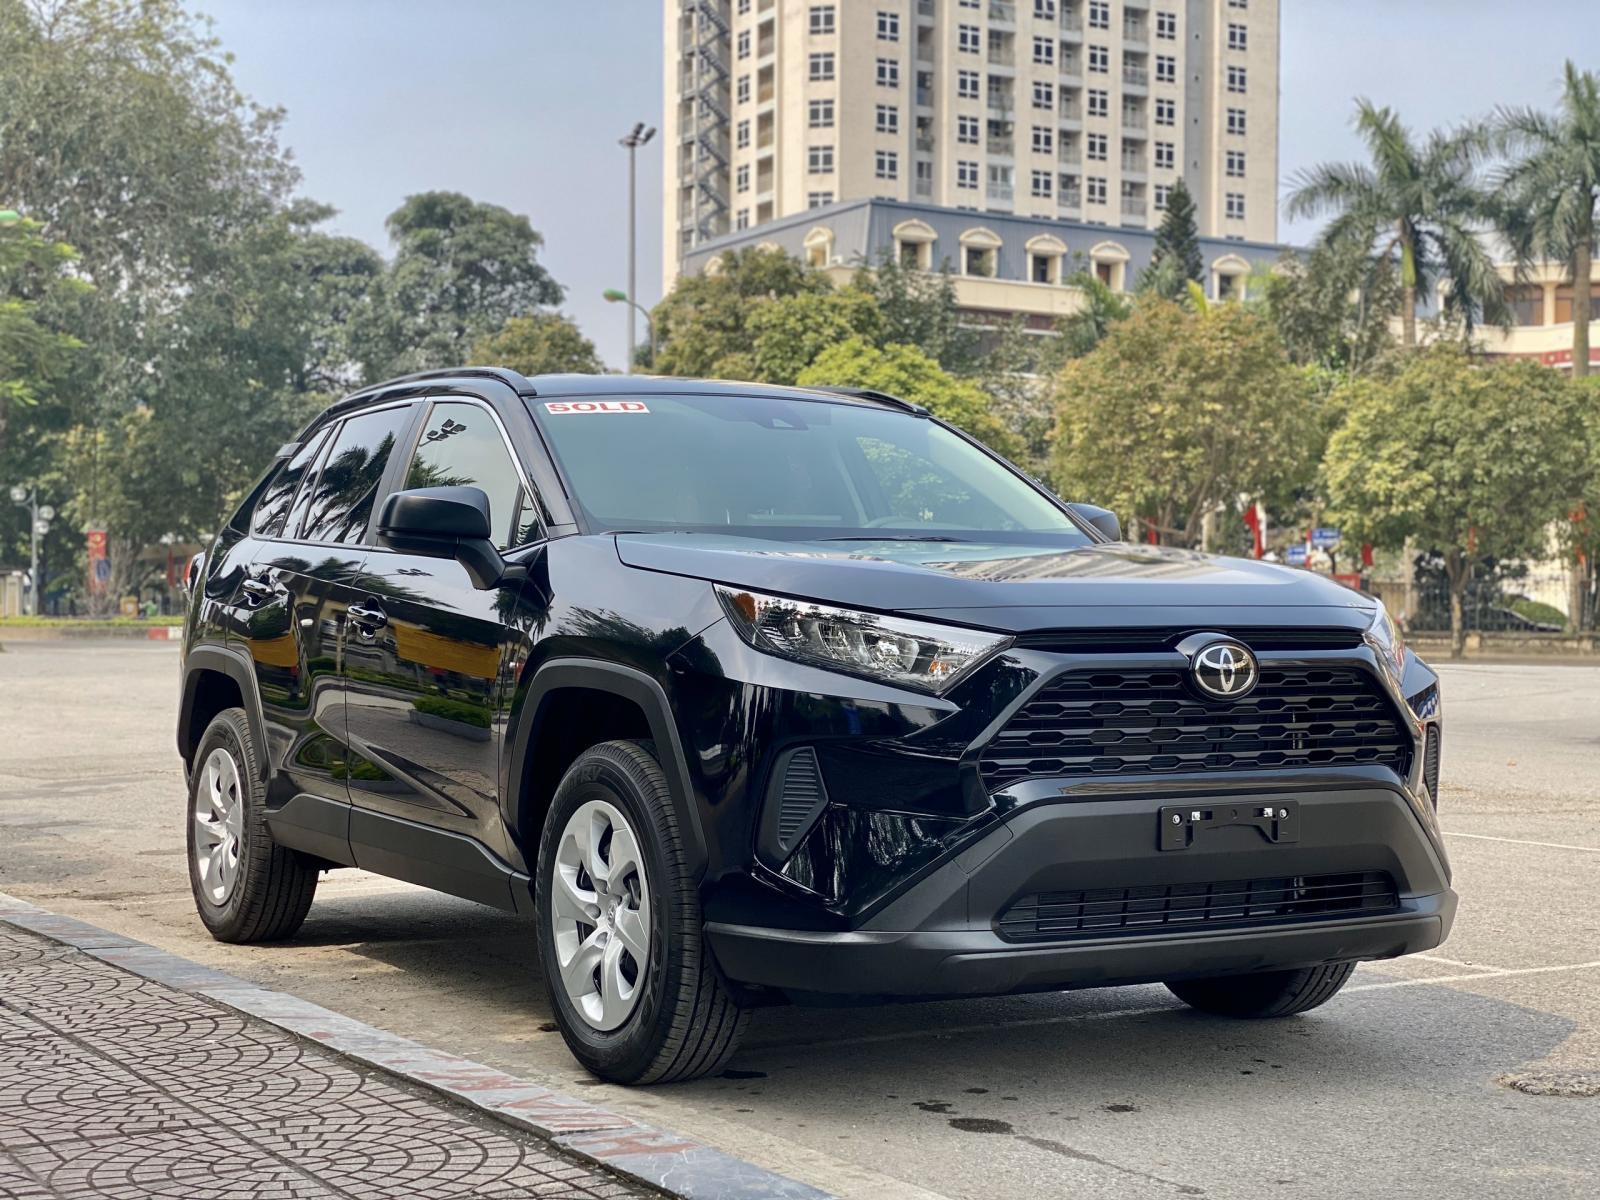 Bán Toyota RAV4 LE đời 2020, màu đen, nhập khẩu nguyên chiếc